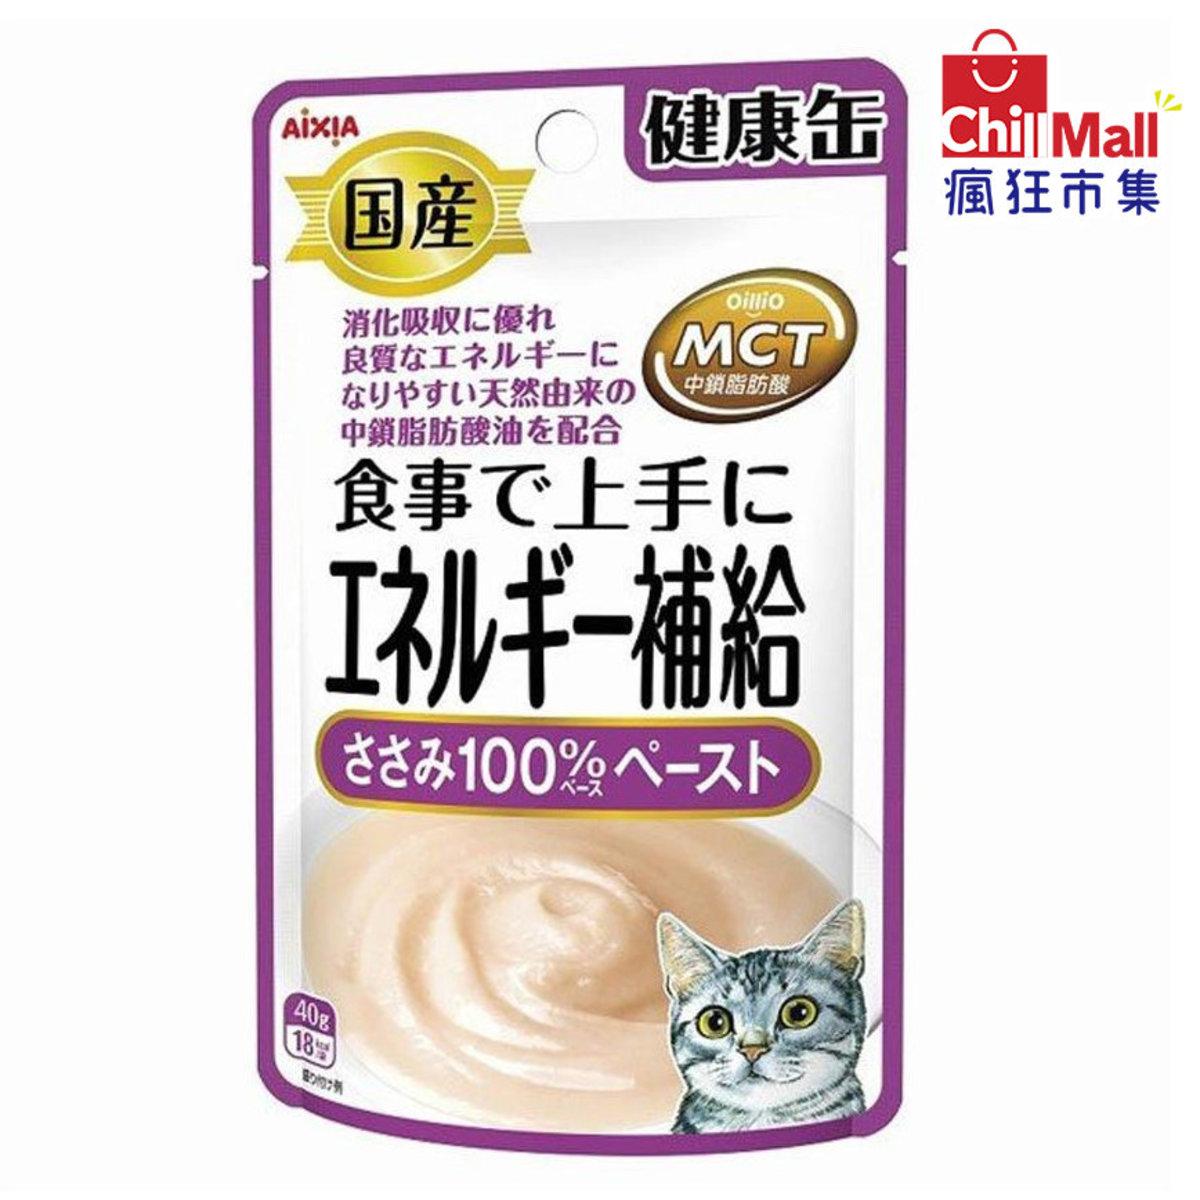 日本AIXIA愛嘉雅 健康缶能量補給濕糧包 雞肉味 40g (紫) 4715900